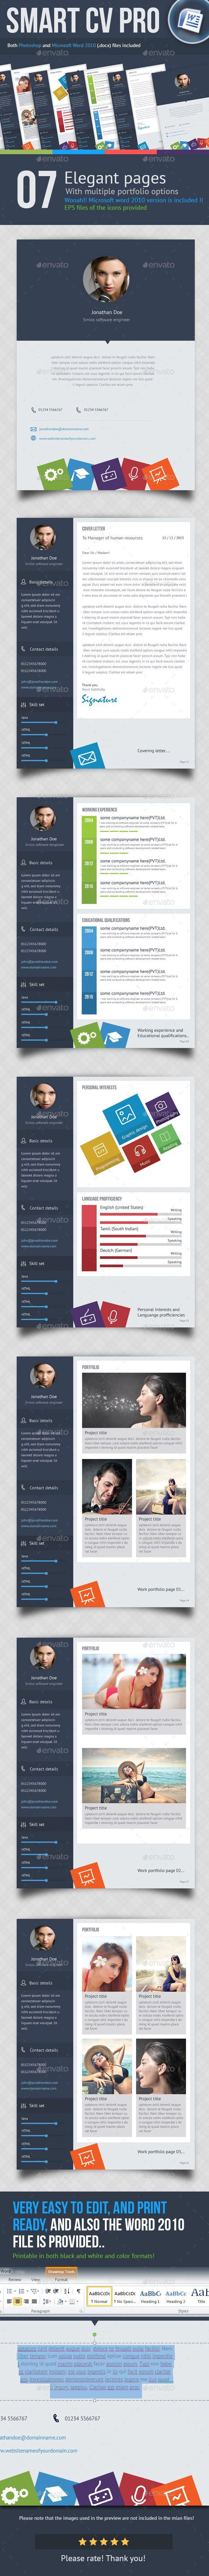 32 best CV / Resume / Print designs images on Pinterest | Design ...